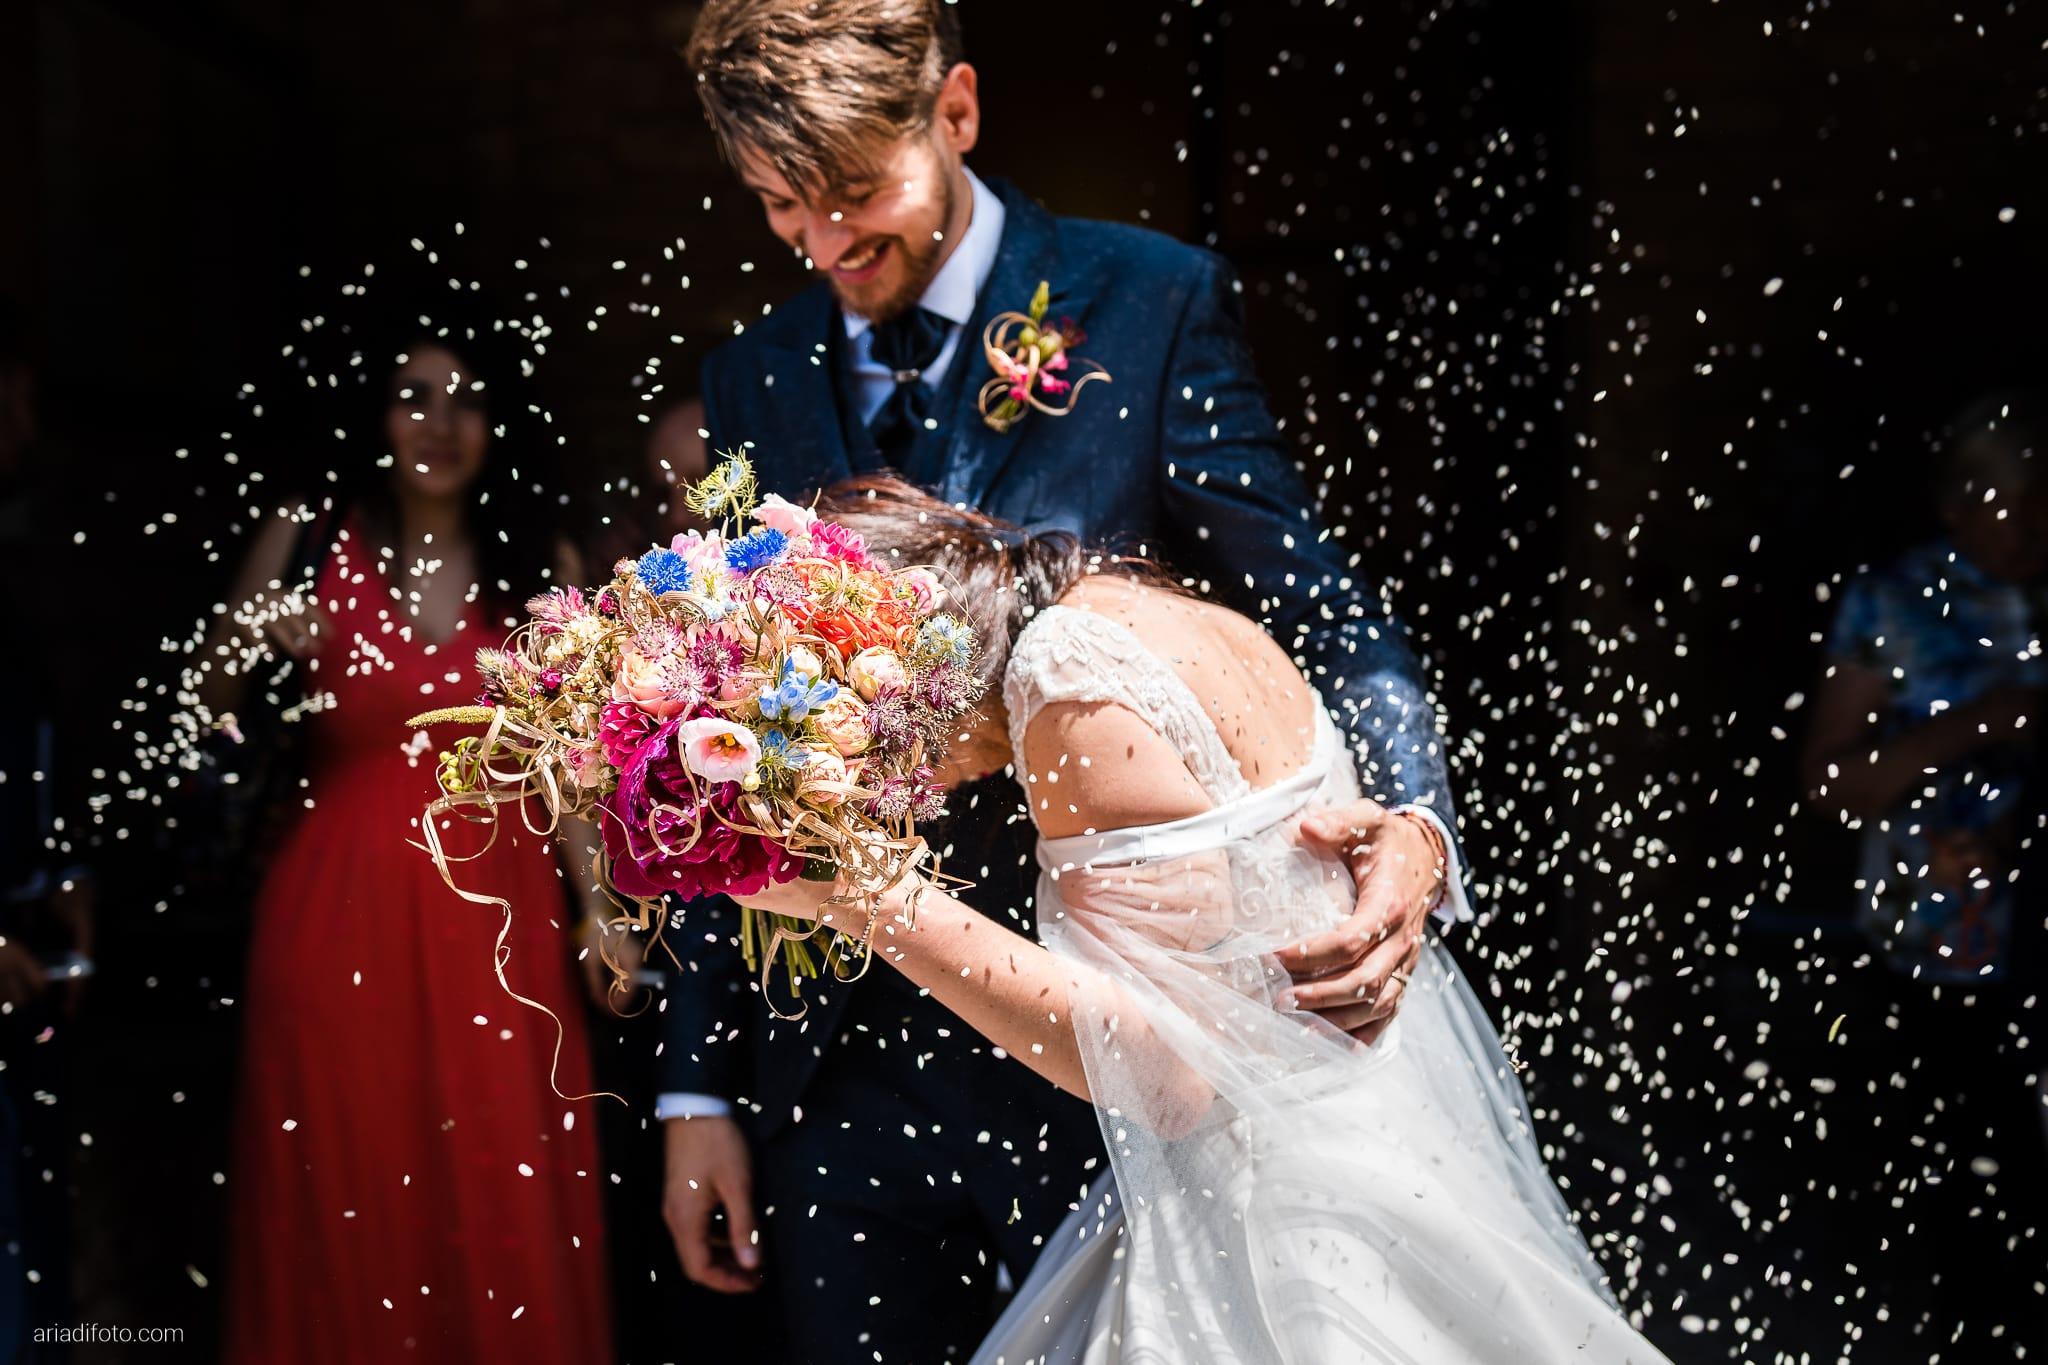 Giorgia Davide Matrimonio Chiesa Santa Maria Assunta Muggia Vecchia Trieste Baronesse Tacco San Floriano Del Collio Gorizia cerimonia lancio del riso